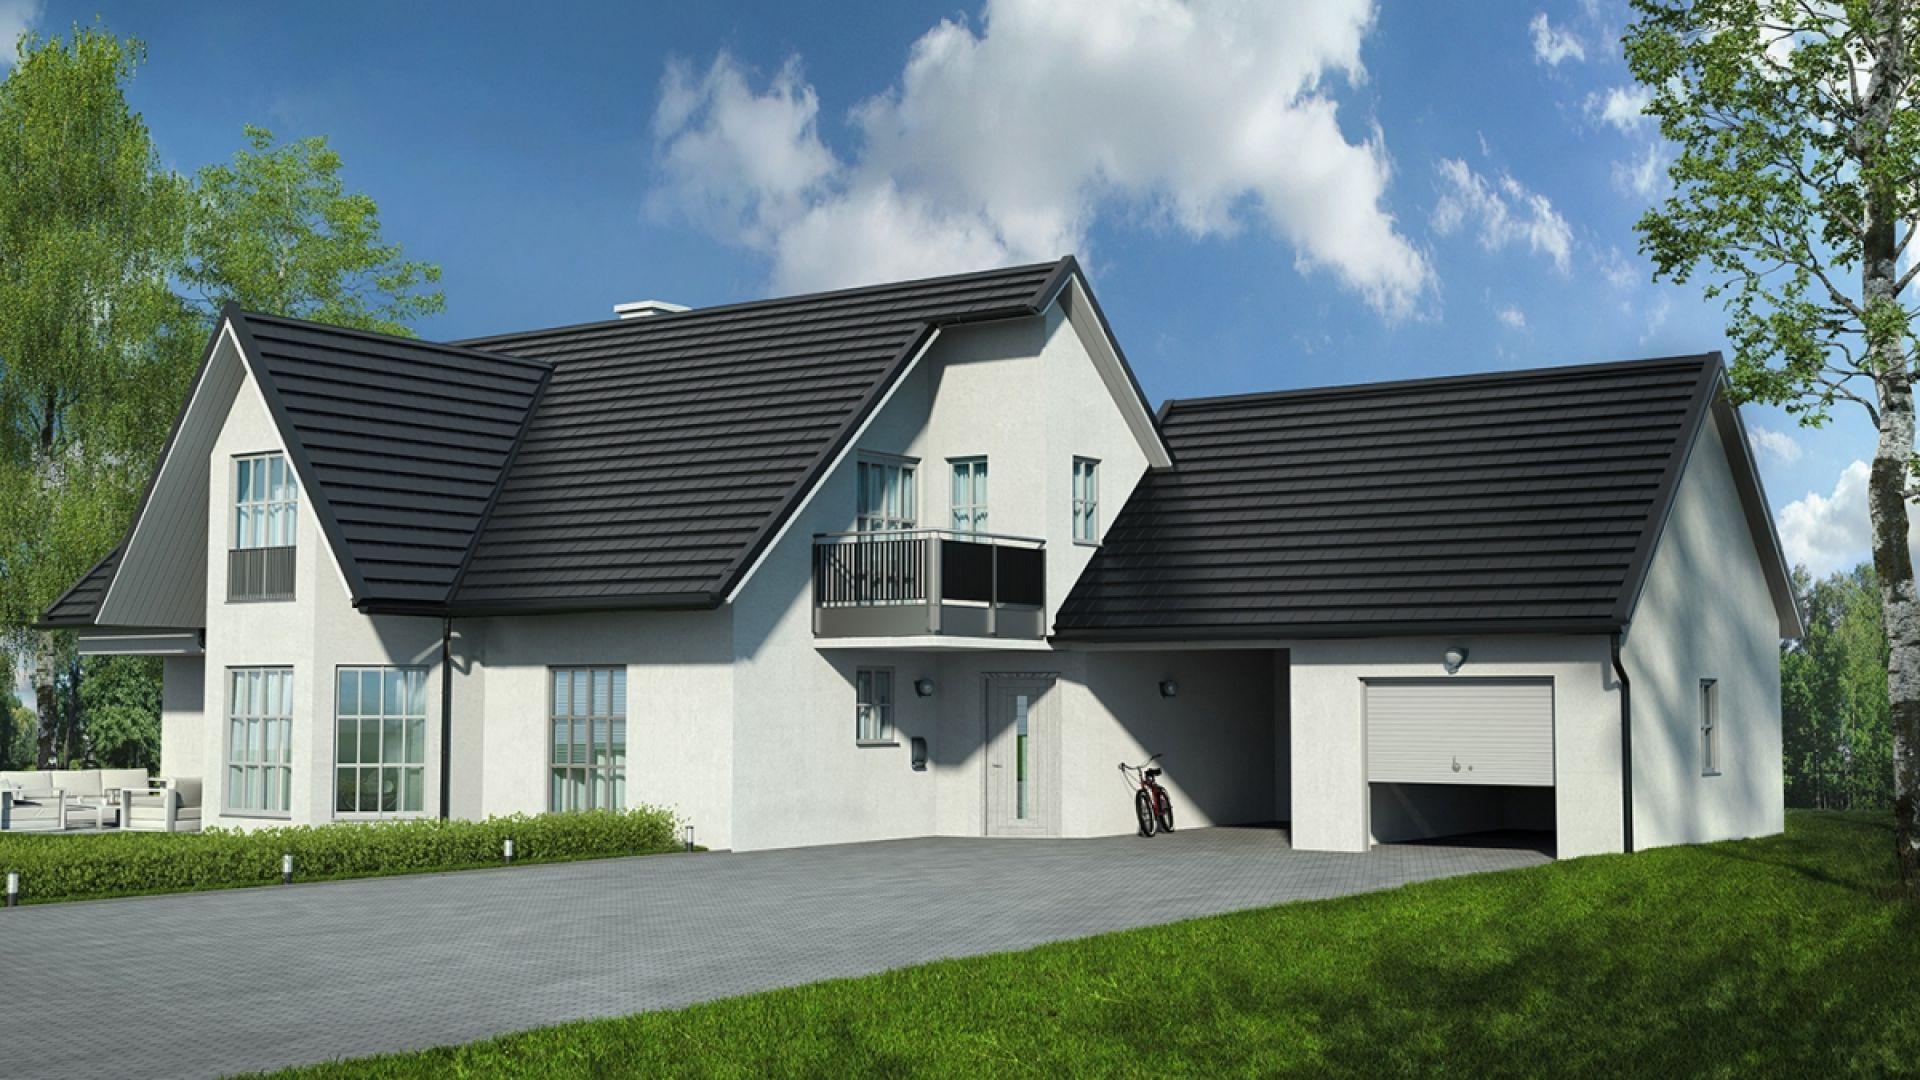 Tysenia to nowoczesne rozwiązanie dachowe dla inwestorów poszukujących wyjątkowego efektu wizualnego. Minimalistyczny, surowy wygląd blachodachówki harmonizuje z aktualnymi trendami architektonicznymi, a płaski kształt gwarantuje uniwersalne zastosowanie.  Fot. Blachotrapez